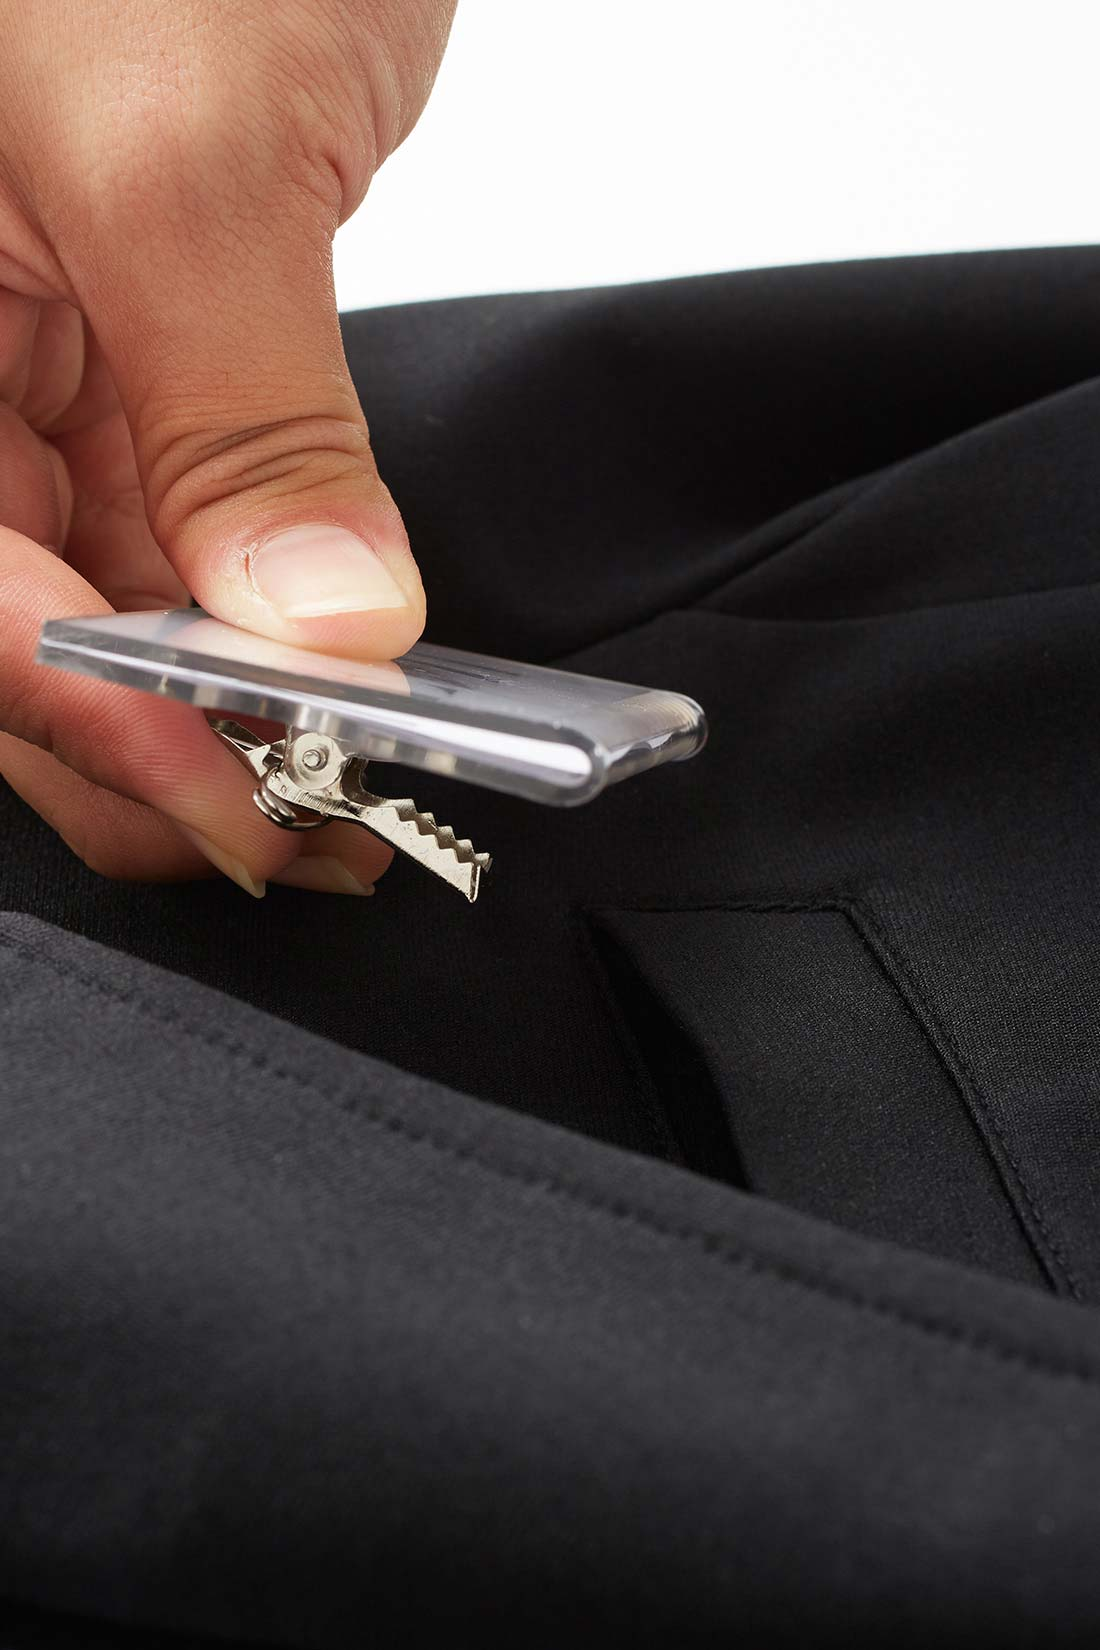 名札がはさめるダミーポケット 胸もとはすっきりさせたいのでダミーポケット仕様。でも社員証や名札をはさめる実用性はきちんとキープ。